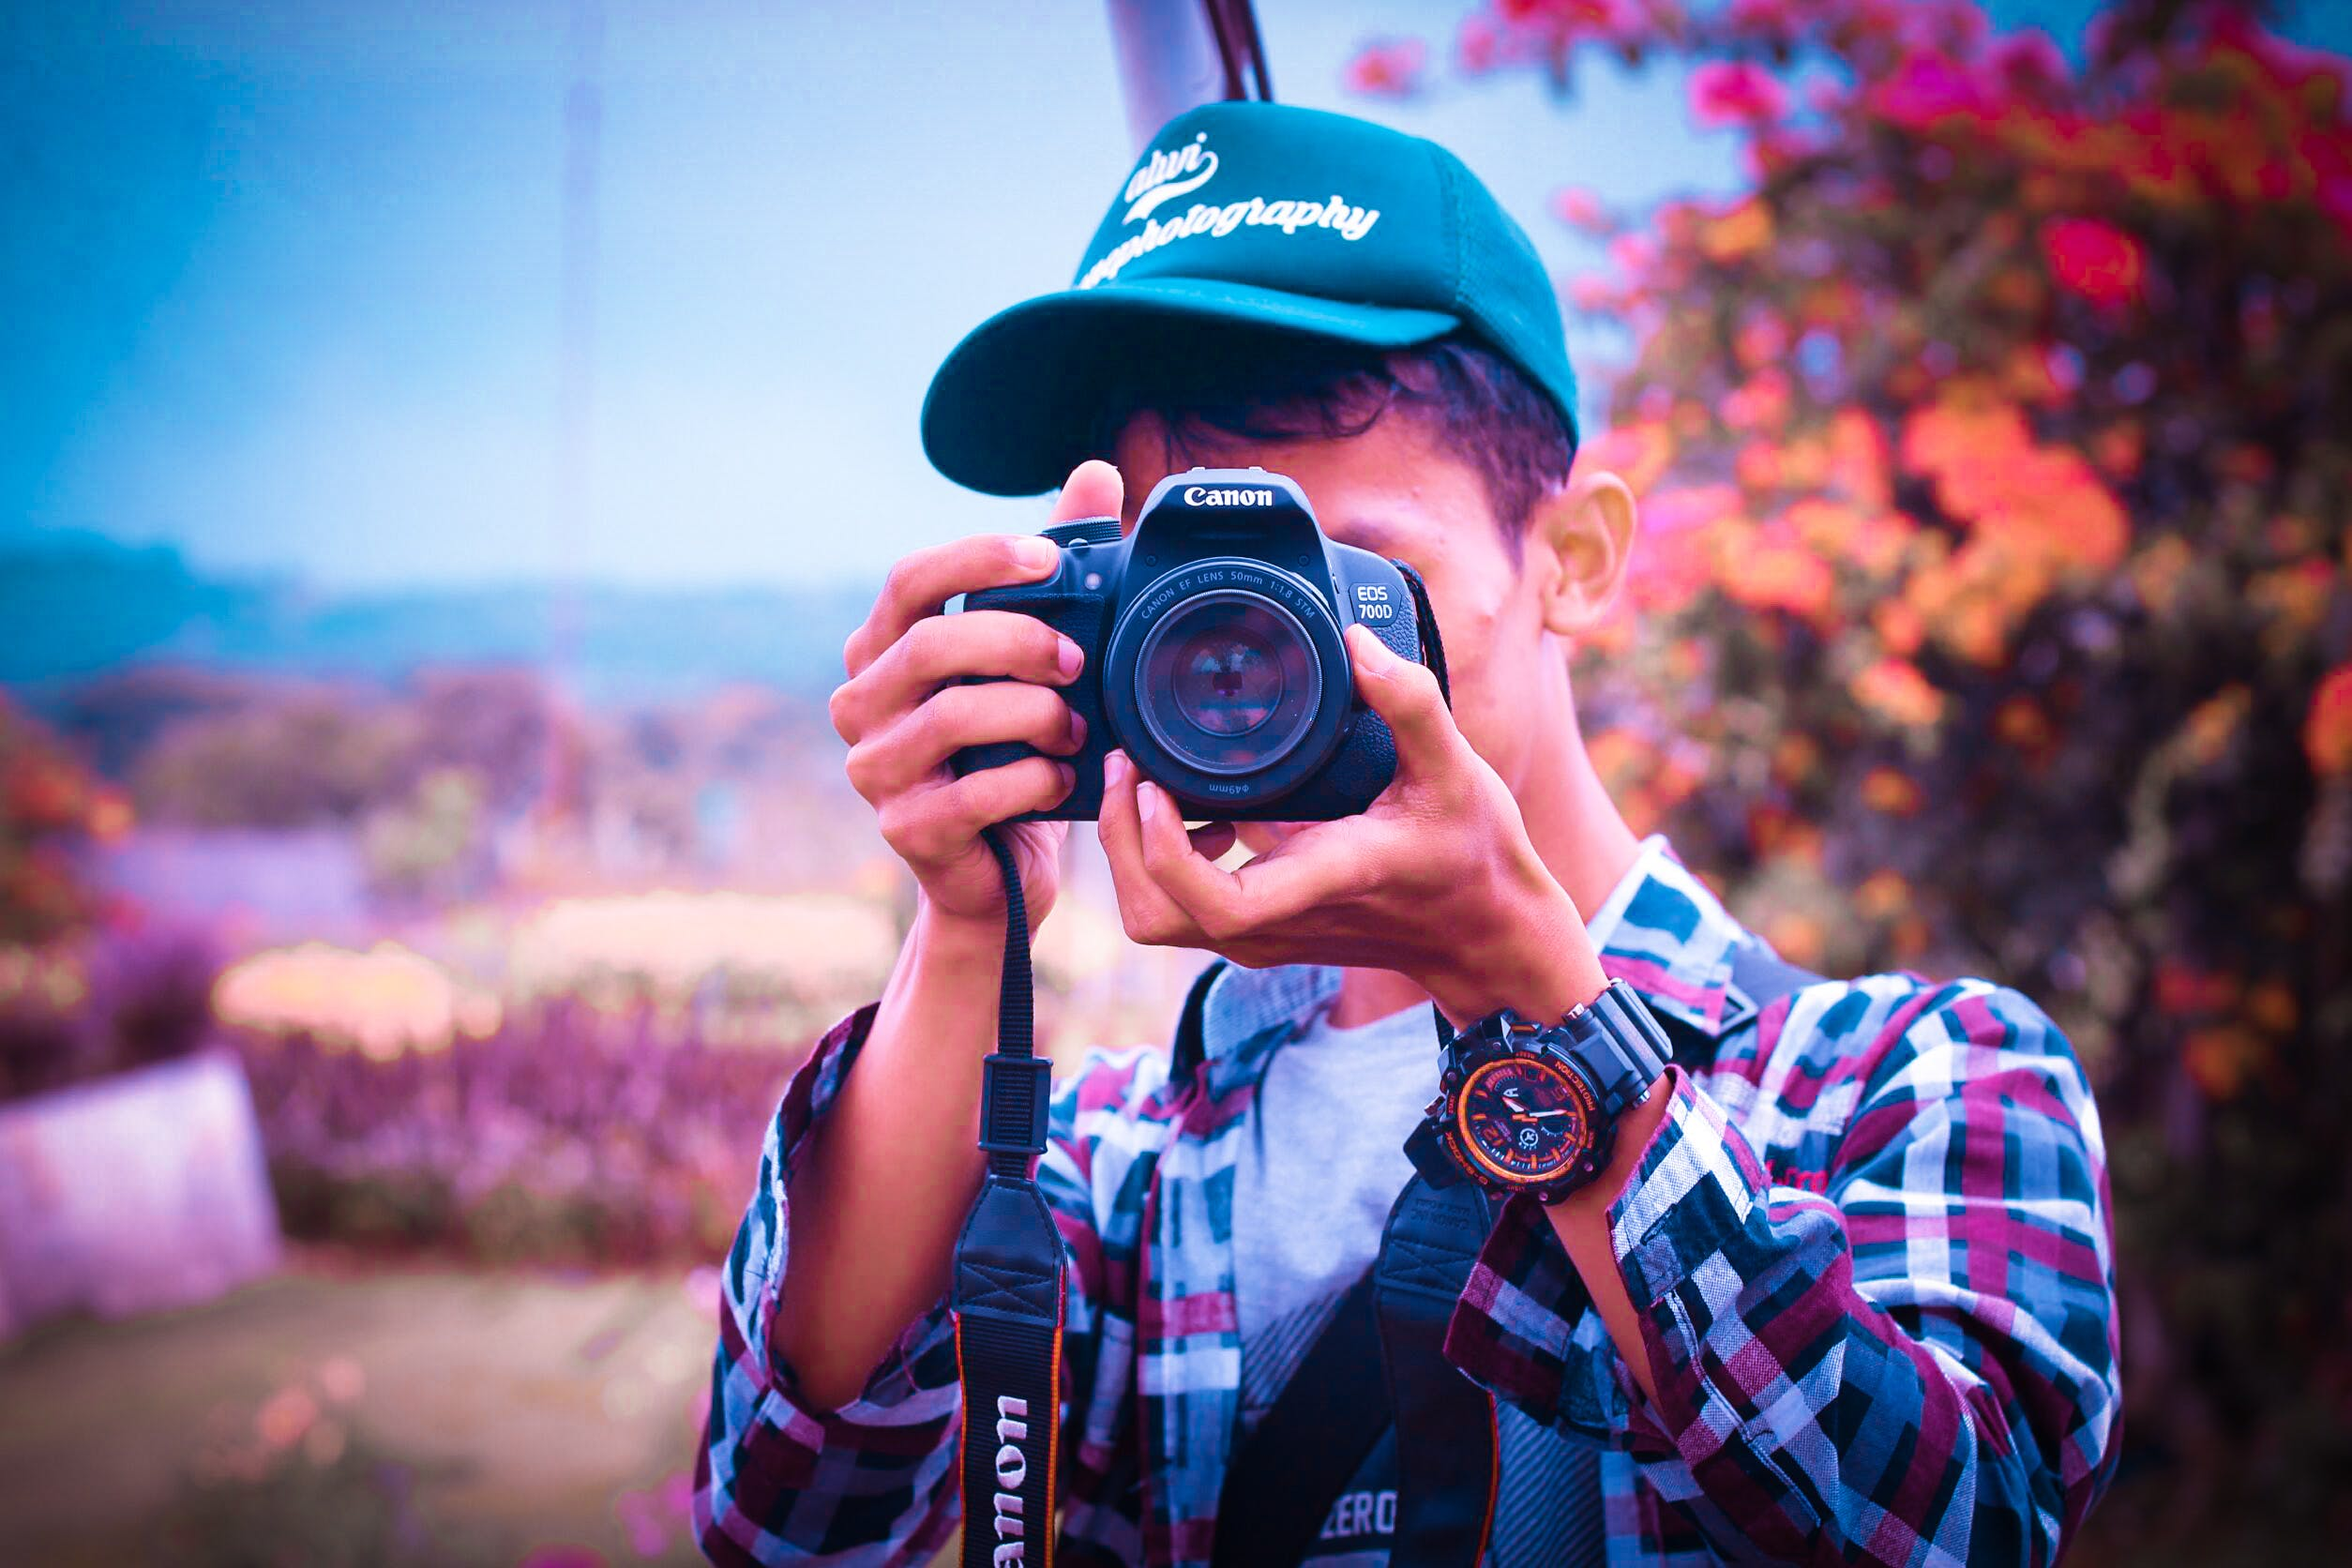 おとこ, ぼかし, カメラ, カメラレンズの無料の写真素材